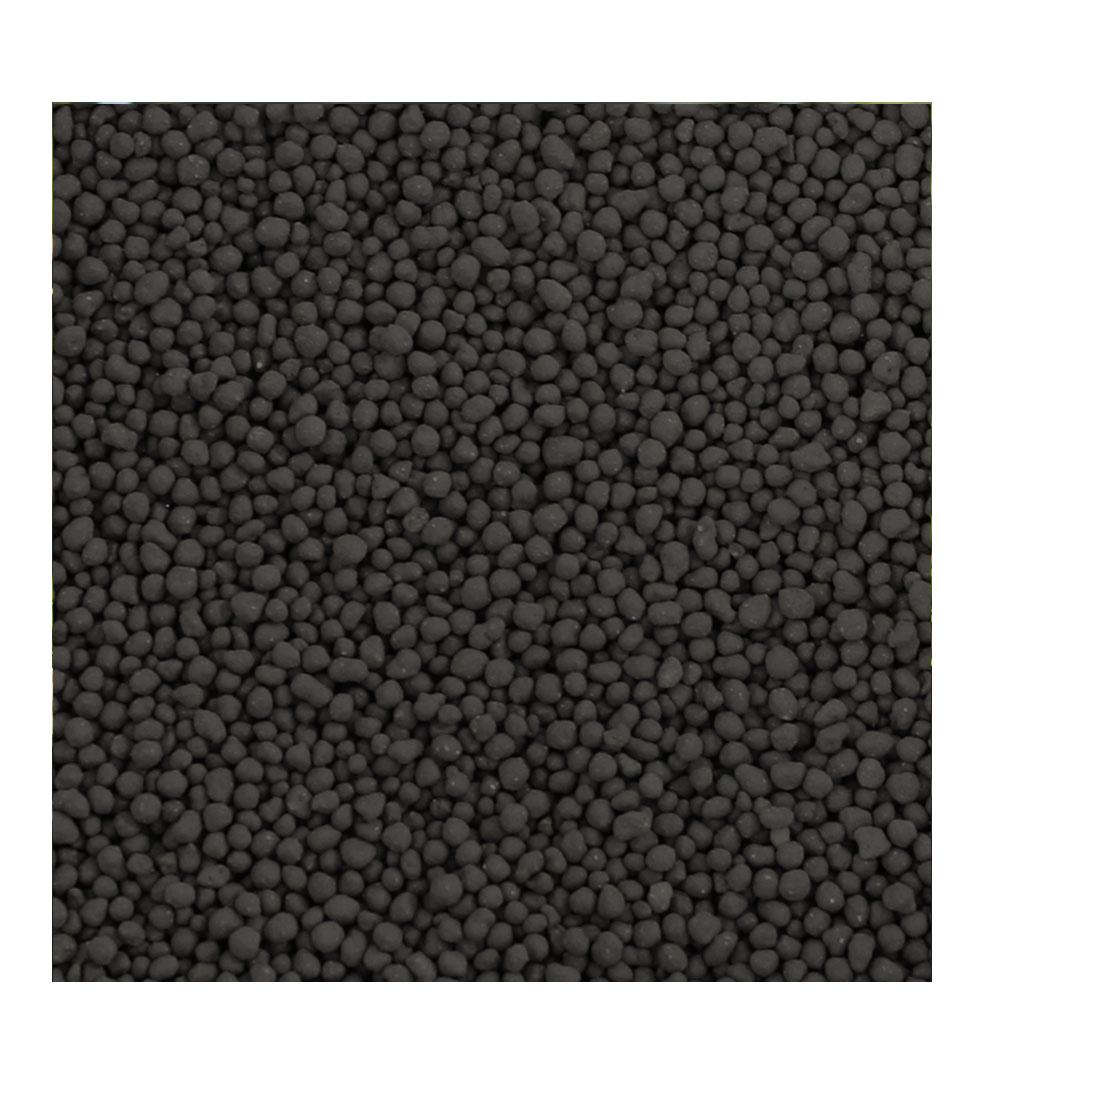 Aquavitro Aquasolum Black Humate